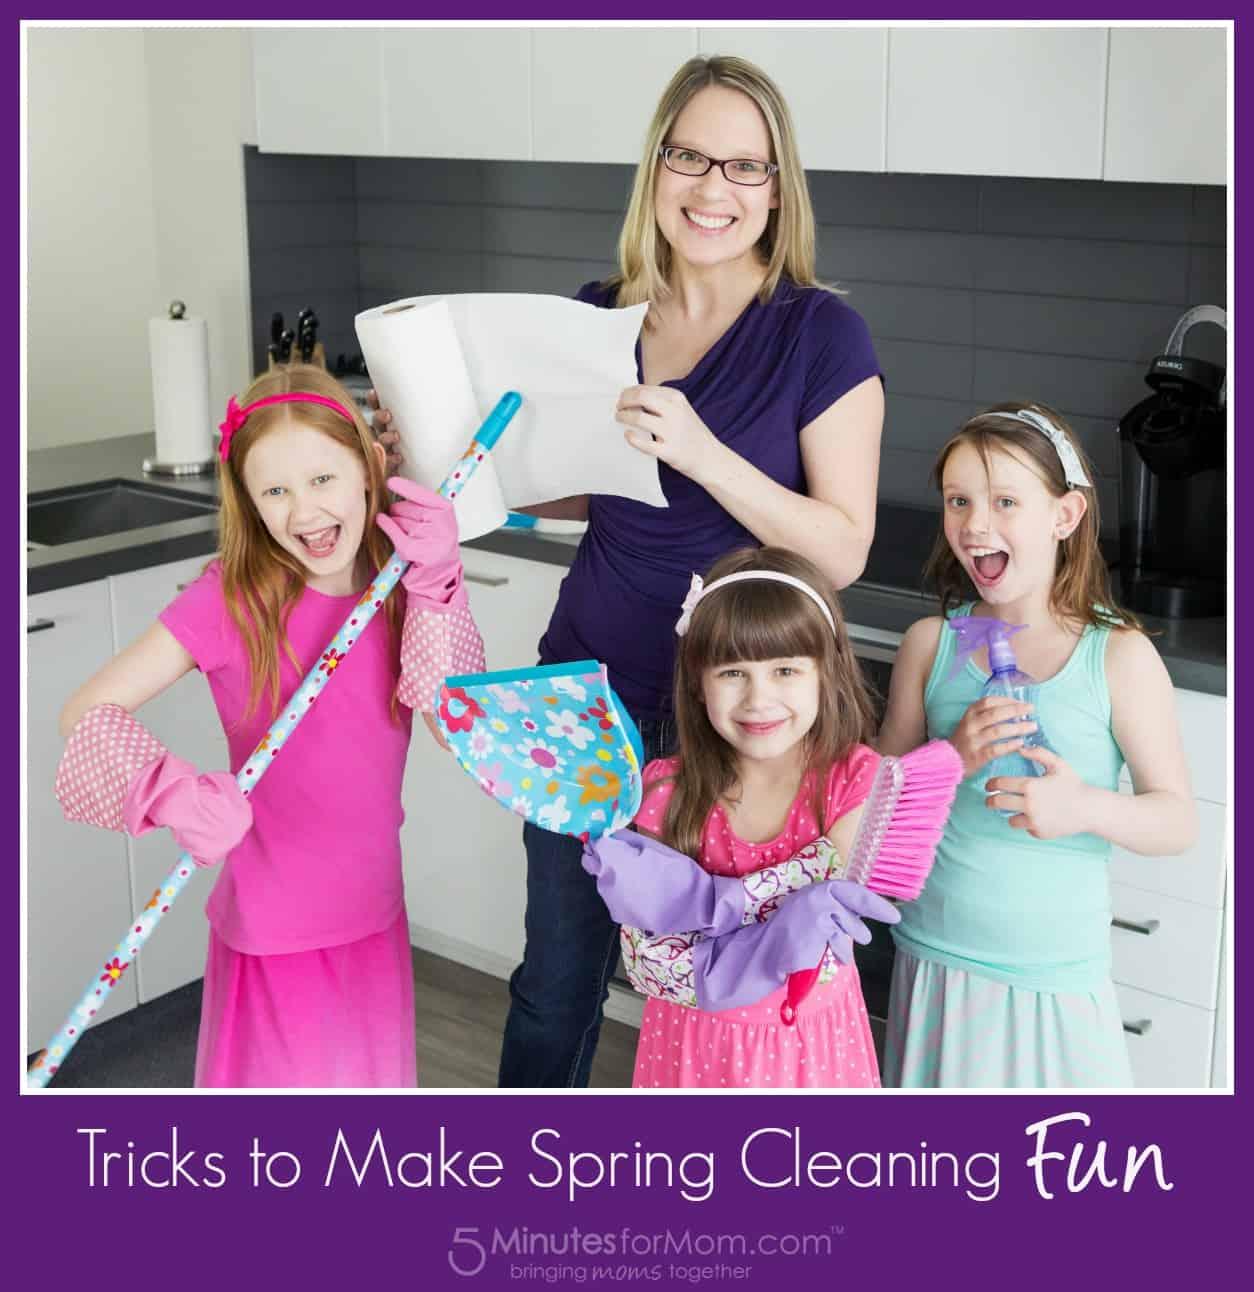 Tricks to Make Spring Cleaning Fun